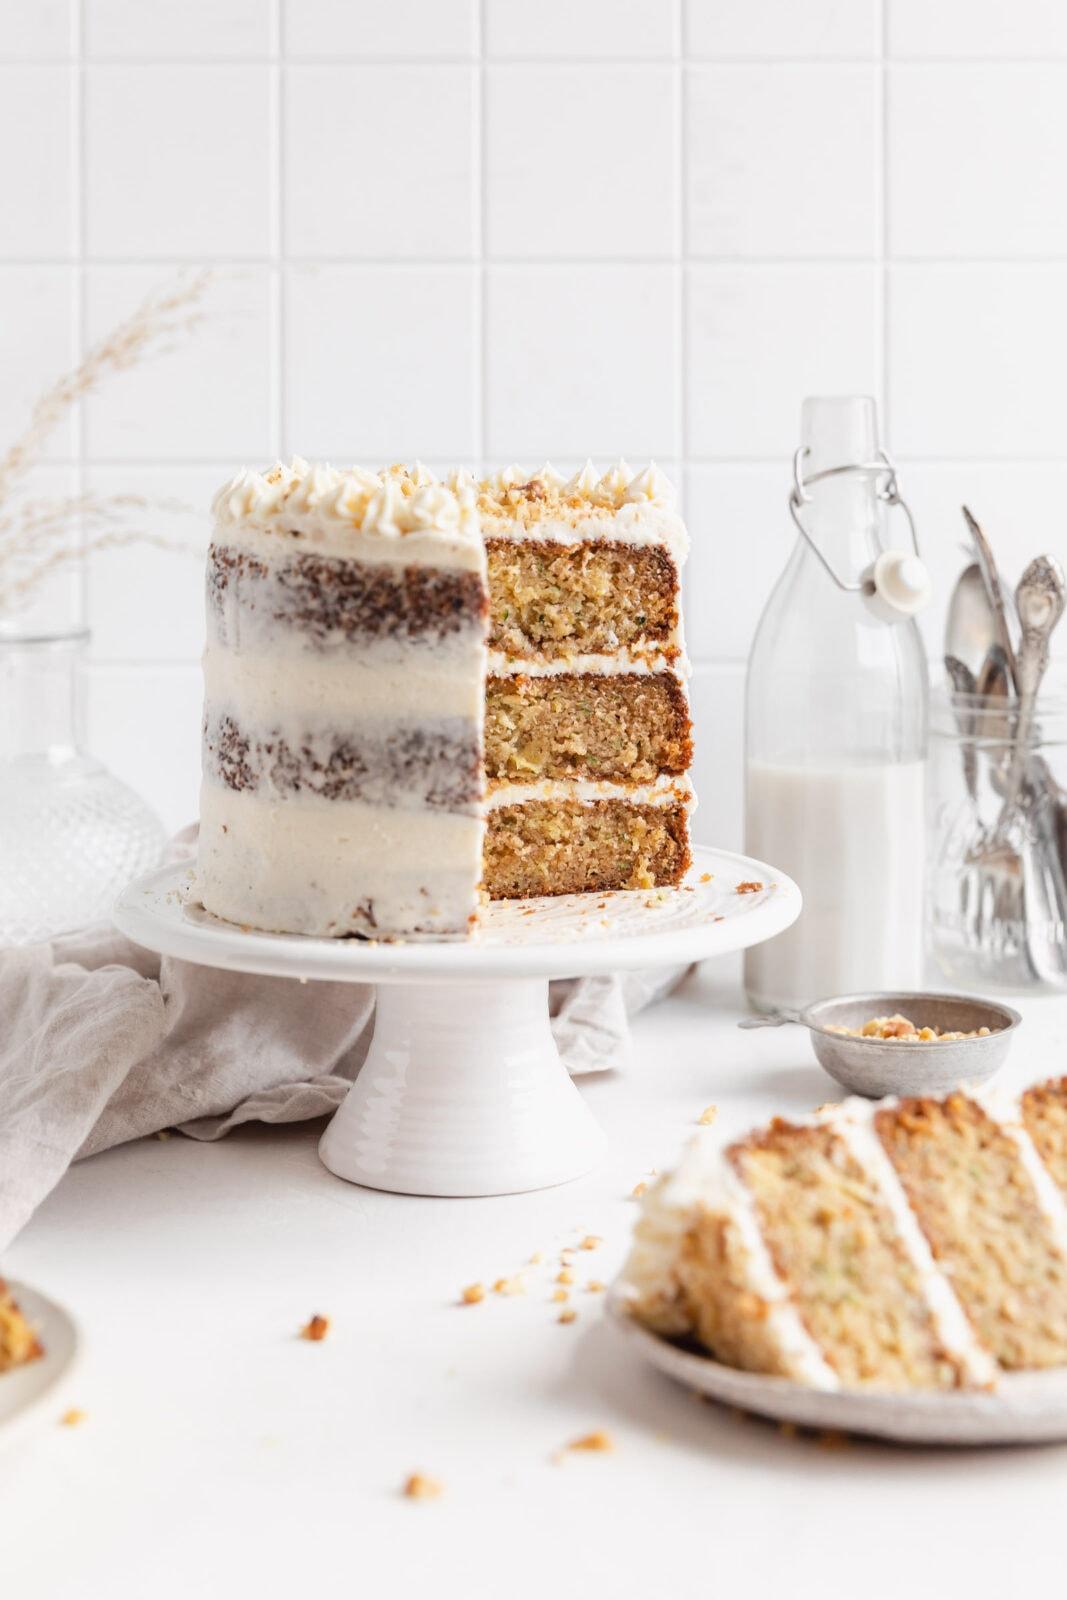 cukkini torta krémsajtos cukormázzal egy torta állványon